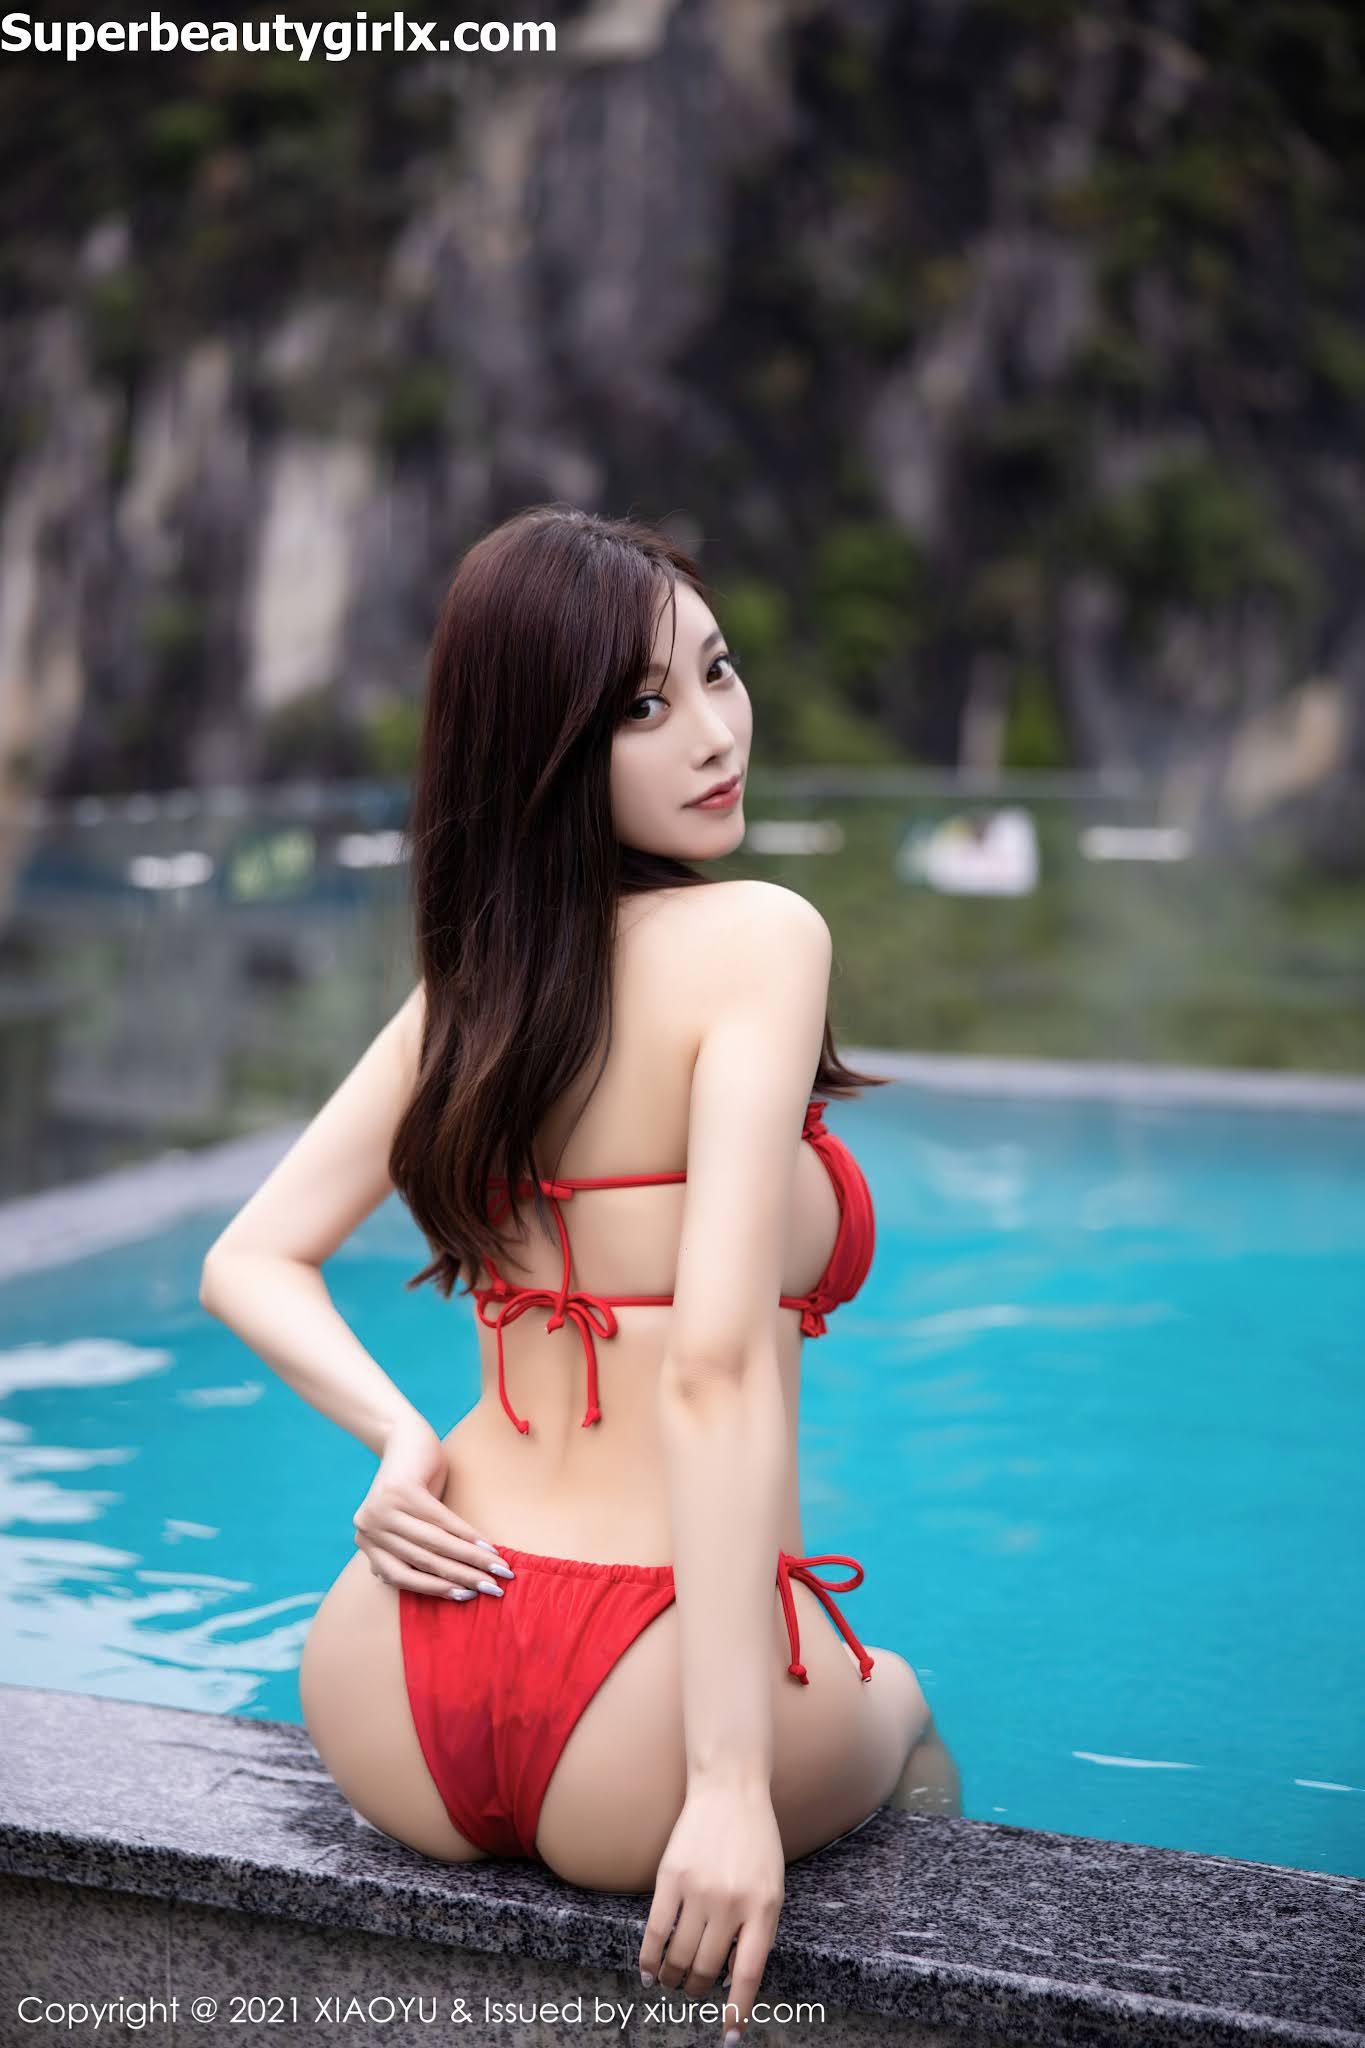 XiaoYu-Vol.514-Yang-Chen-Chen-sugar-Superbeautygirlx.com